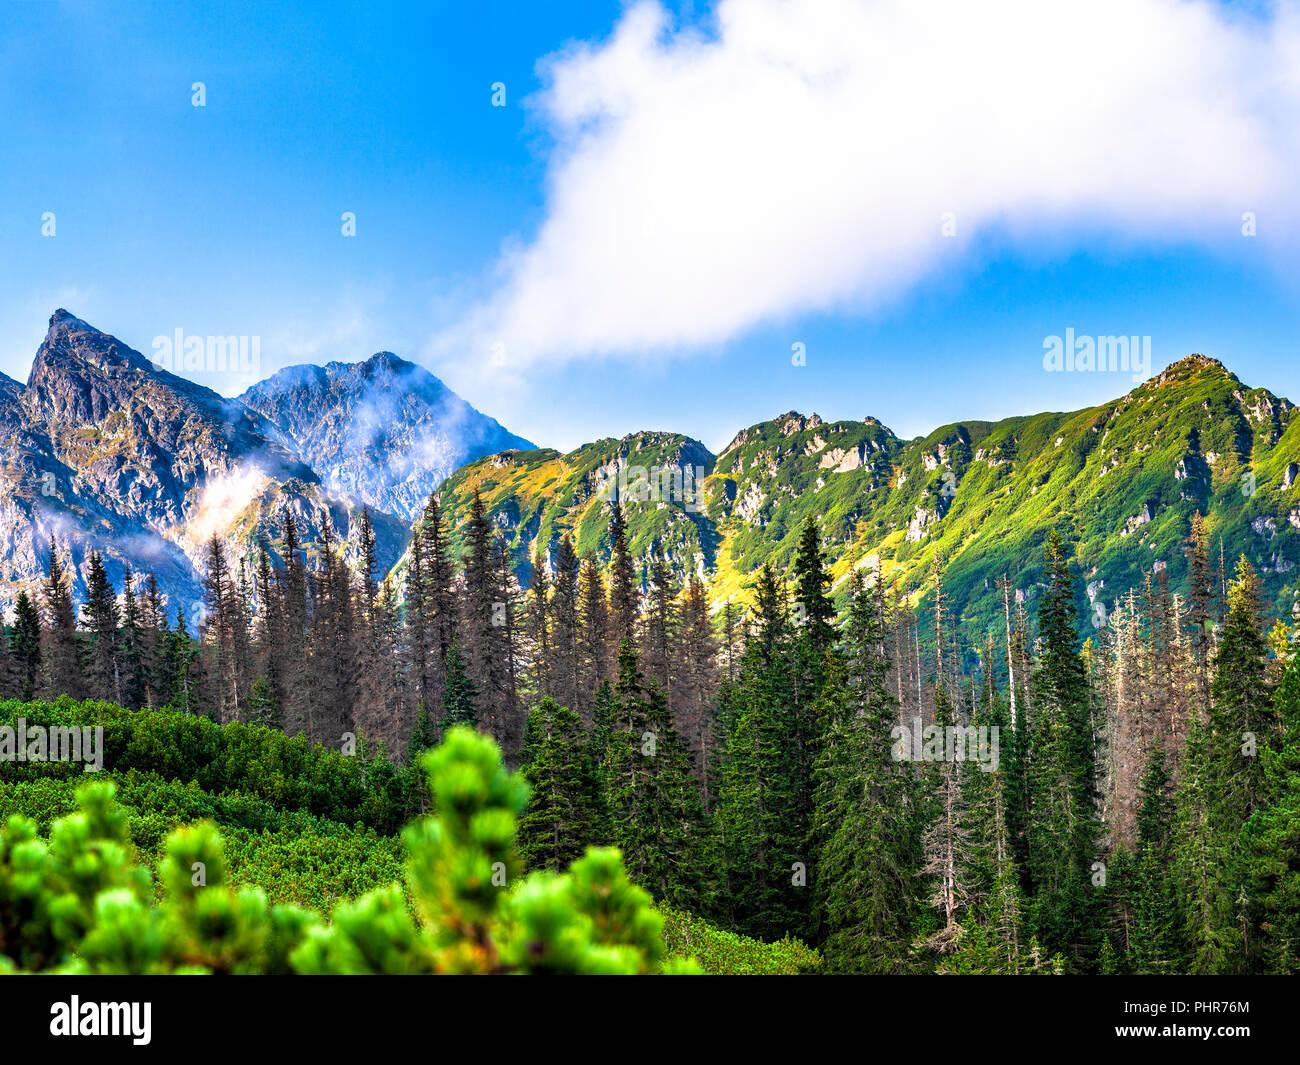 Polnische Tatra Sommer Landschaft mit blauem Himmel und weißen Wolken. Stockfoto